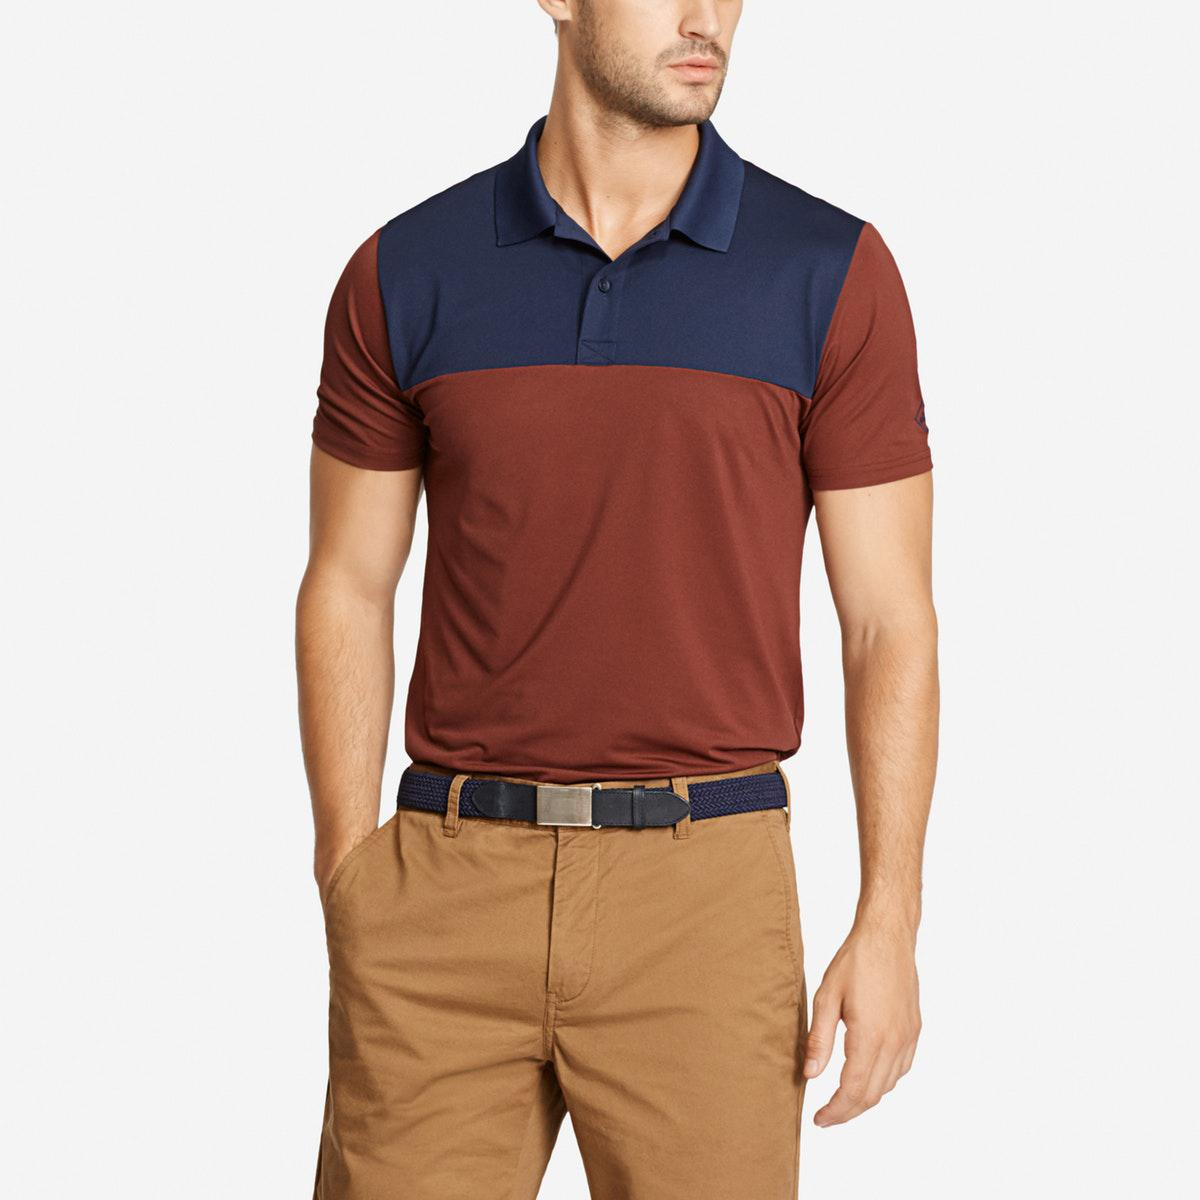 a2d1cacd2 Bonobos - Multicolor The Flatiron Golf Polo for Men - Lyst